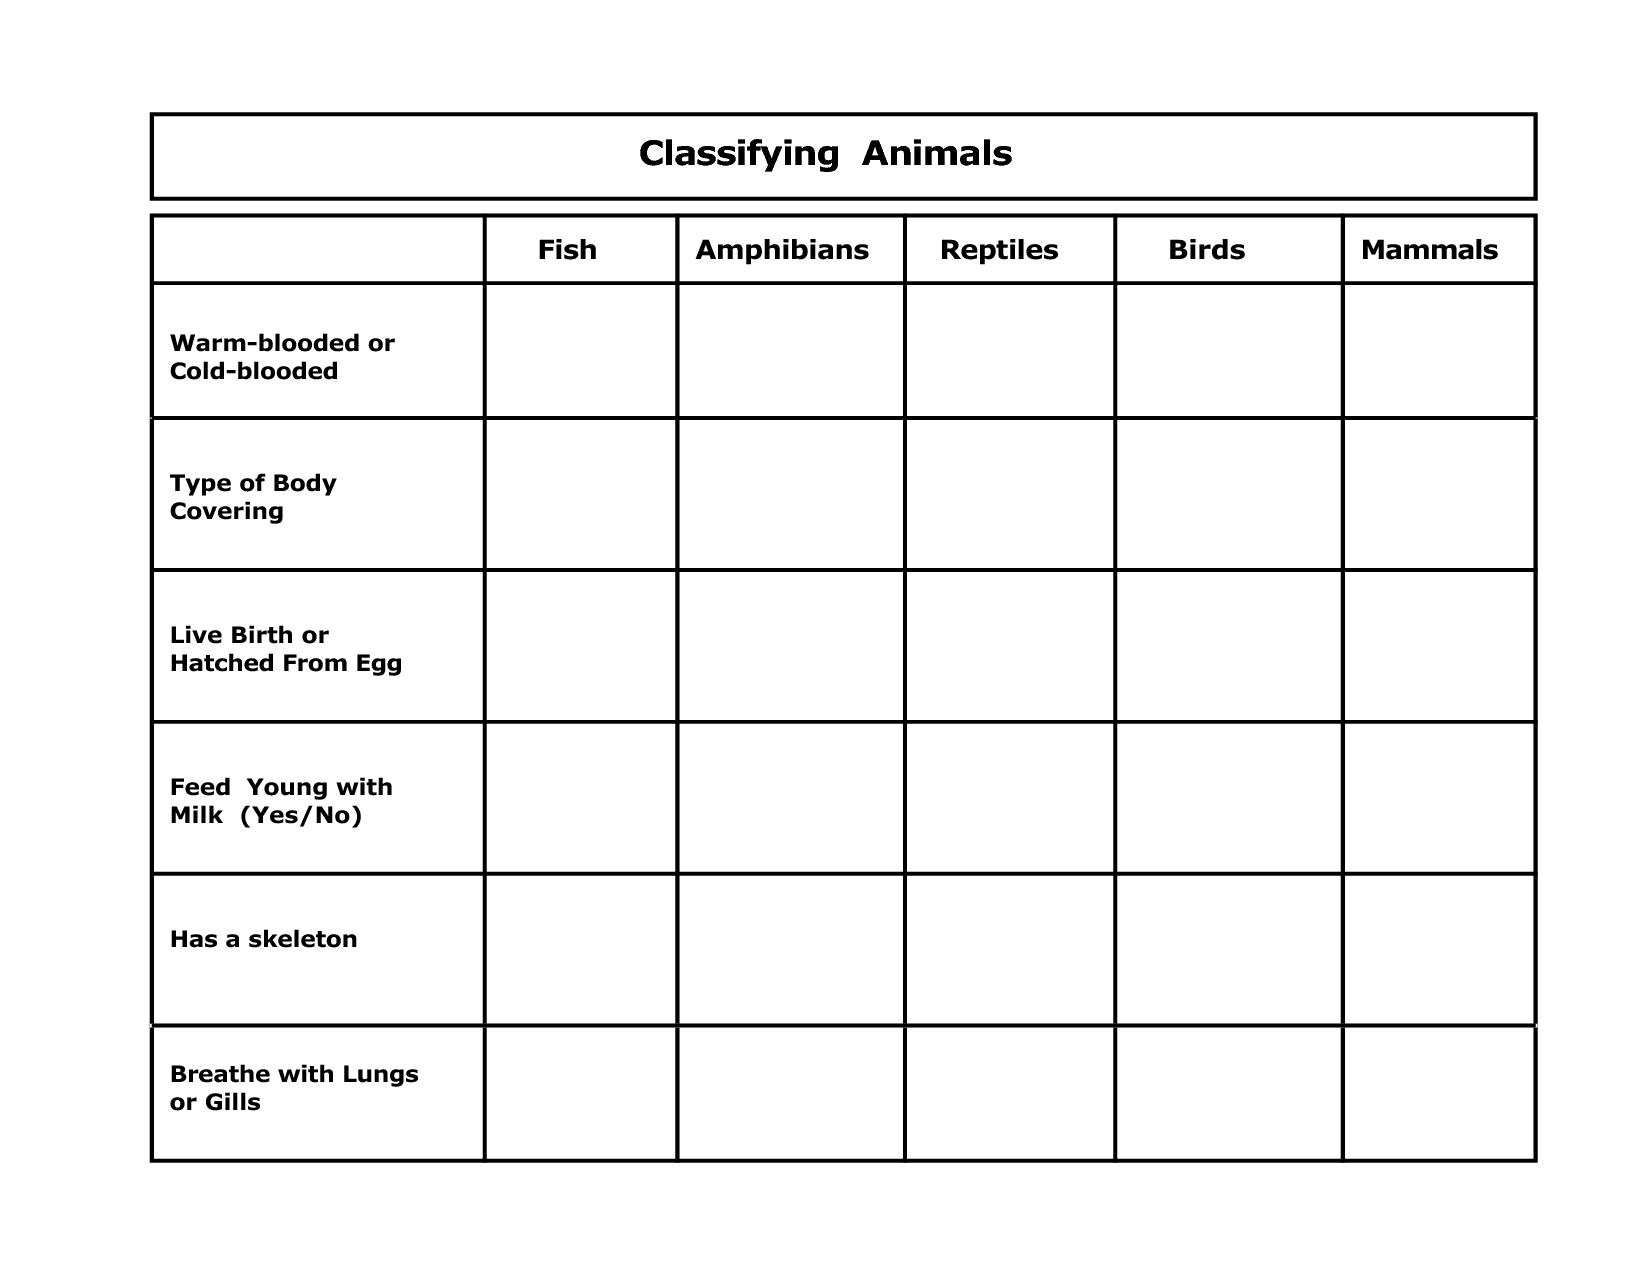 medium resolution of 6955b8895ef29515b88cab2c0b55f02b.jpg (1650×1275)   Classifying animals